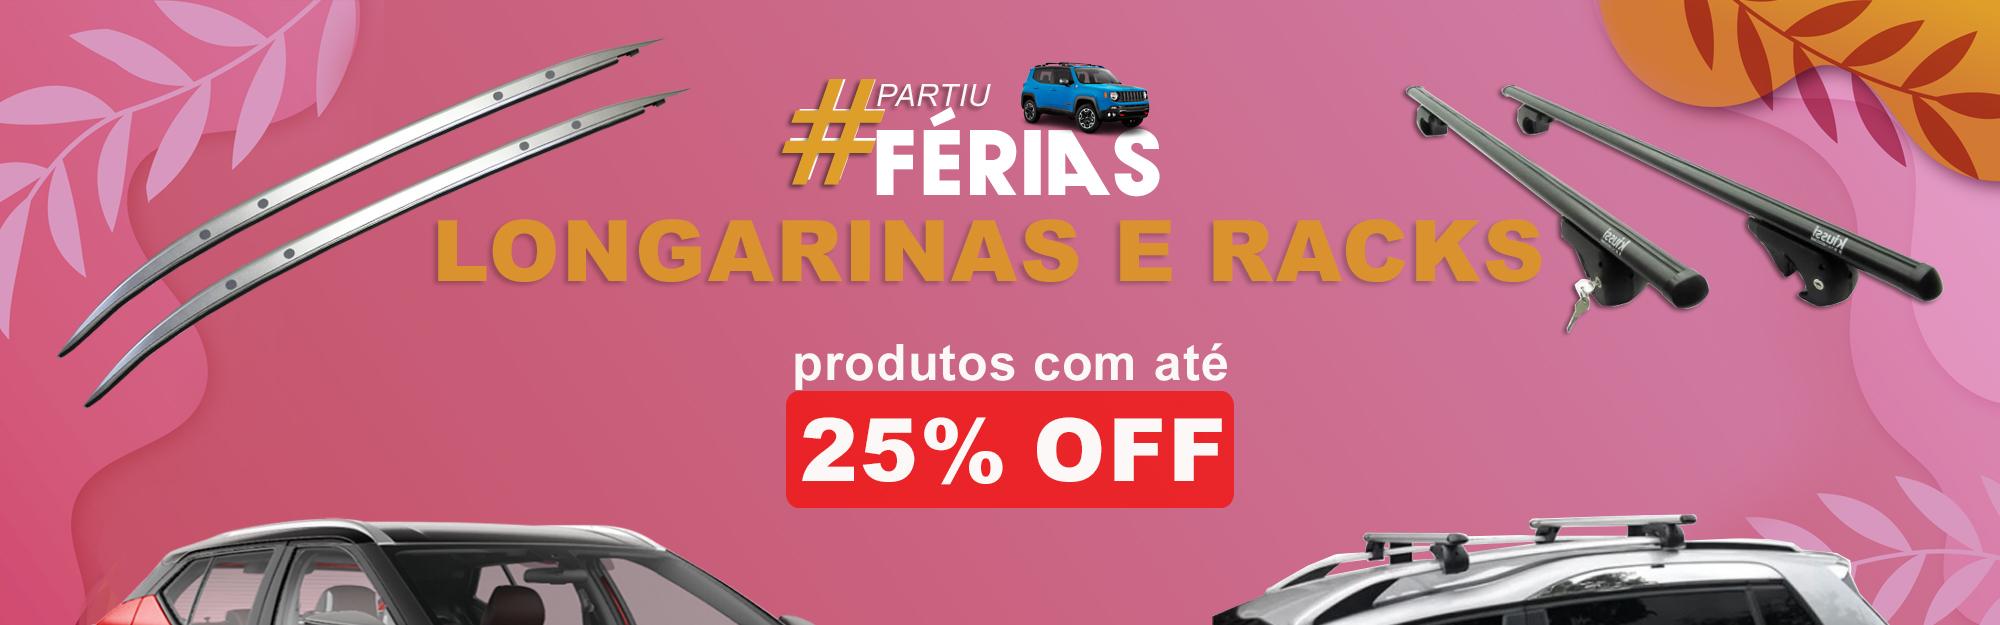 FERIAS - RACKS E LONGARINAS